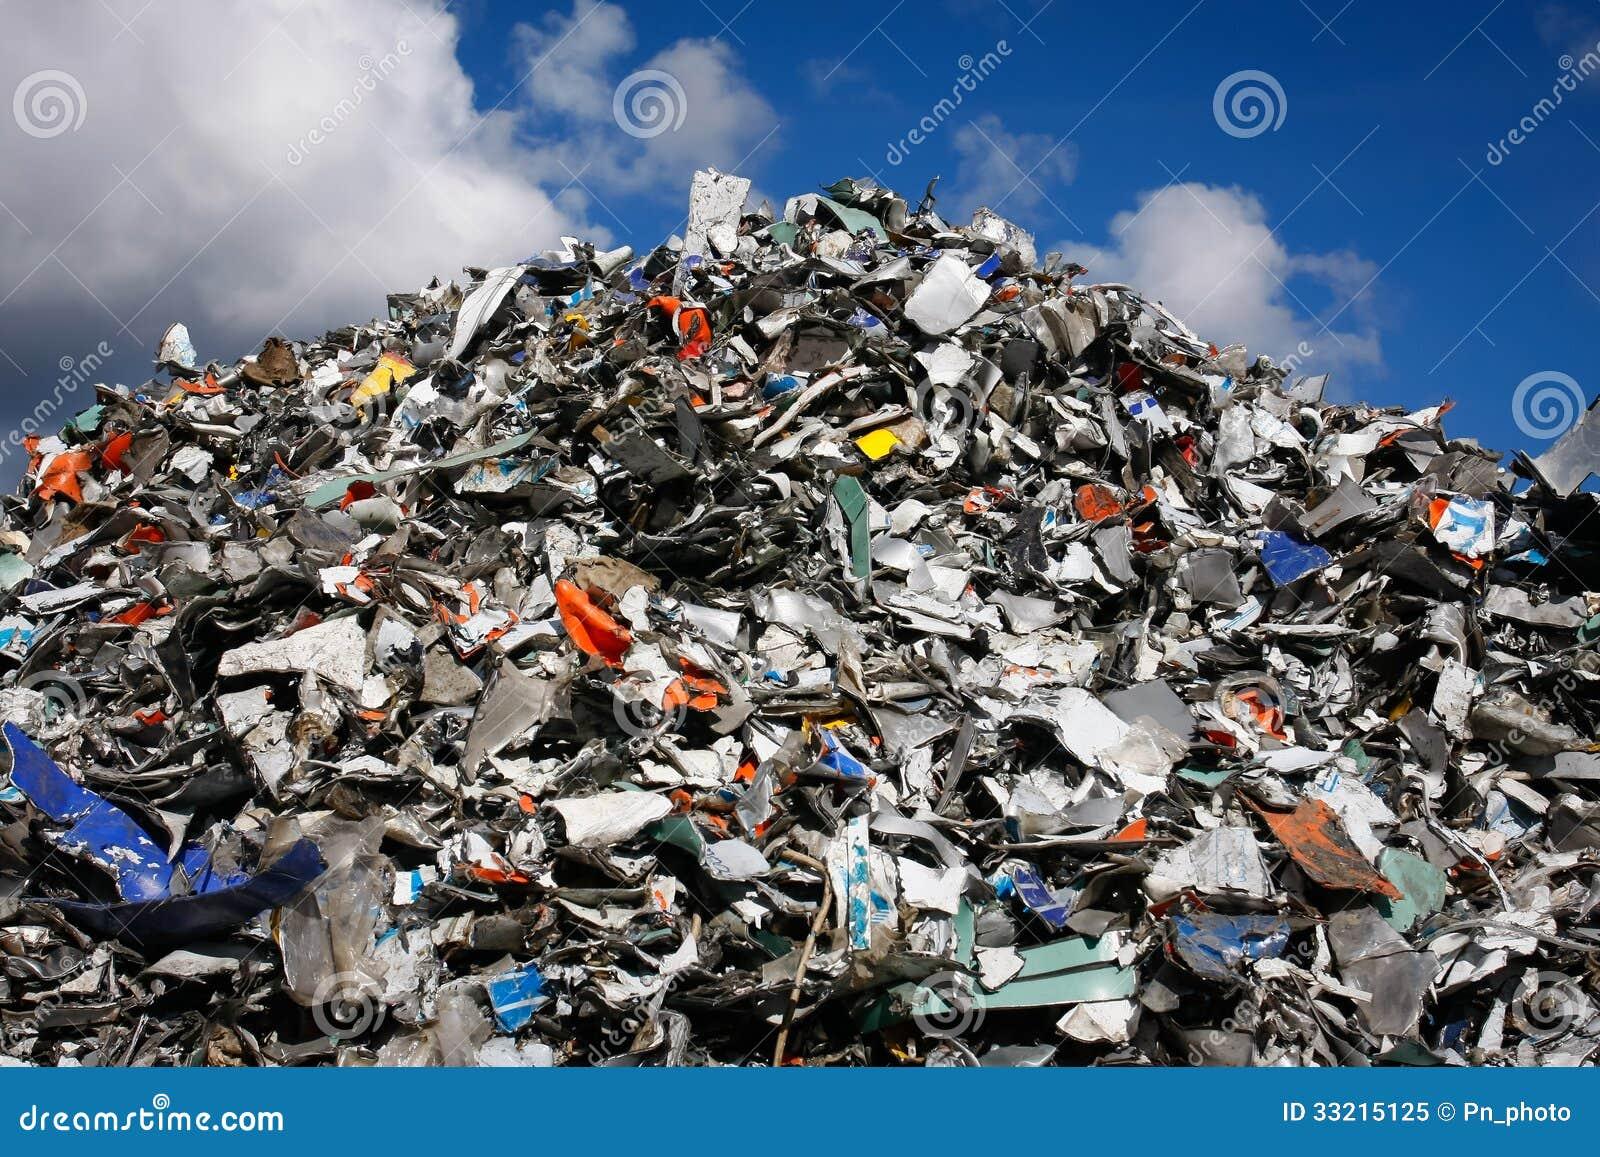 Waste Mountain Stock Image Image Of Garbage Run Supply